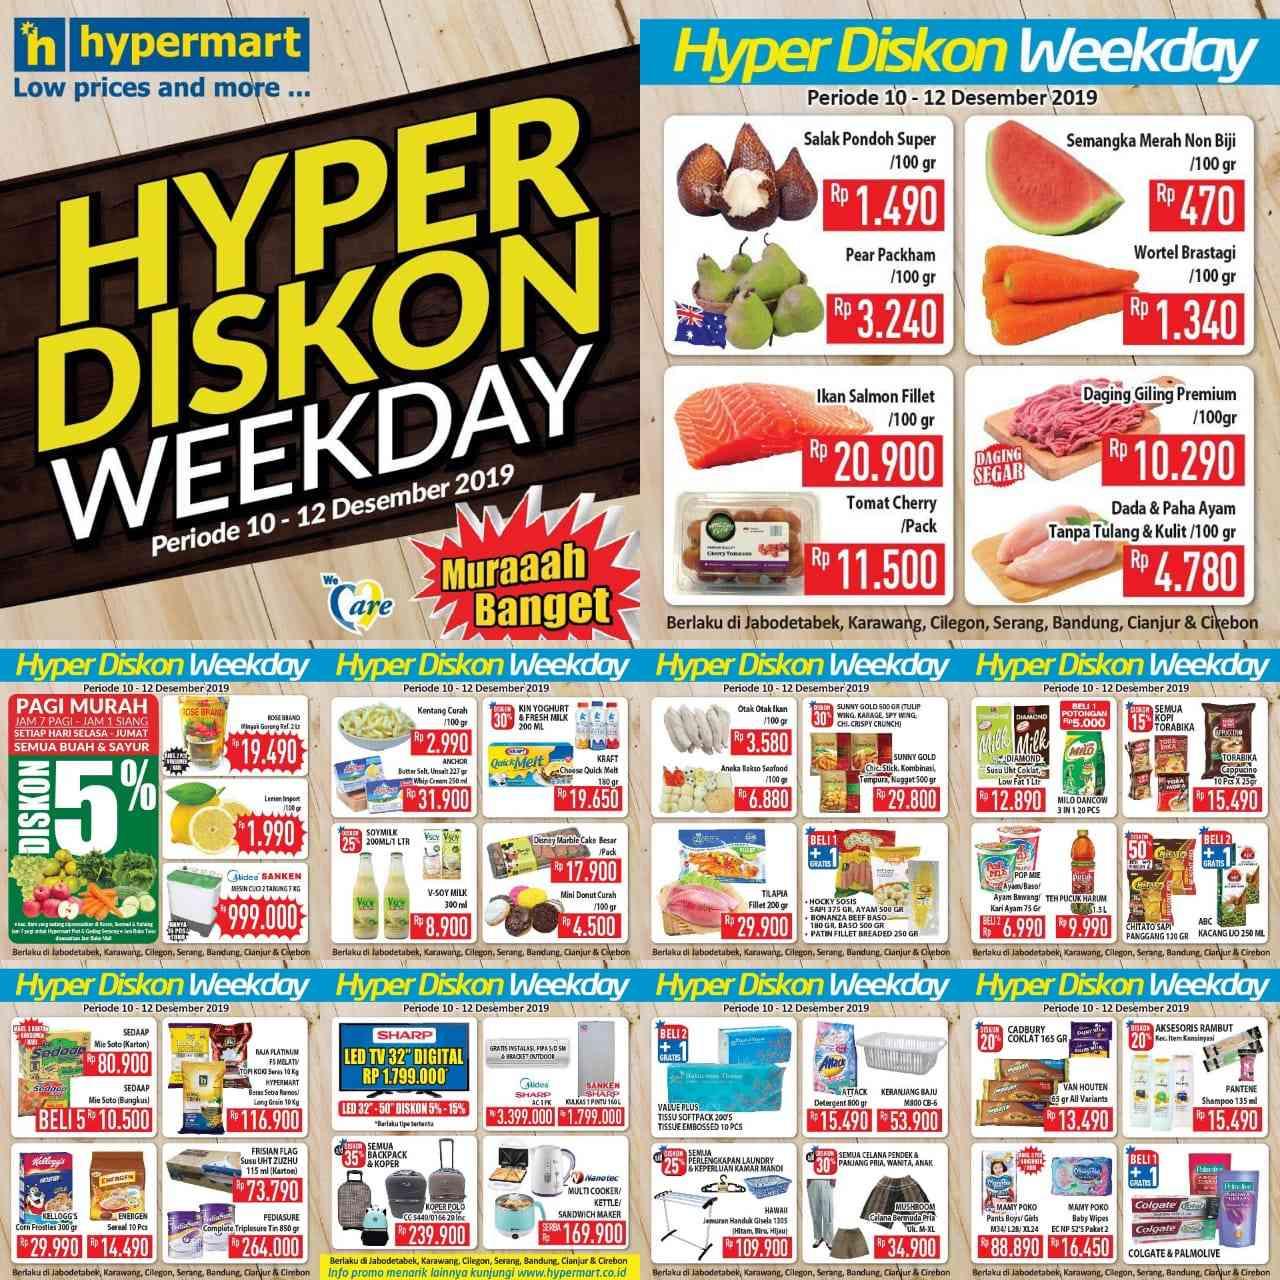 Katalog Promo Hyper Diskon Hypermart Periode 10-12 Desember 2019